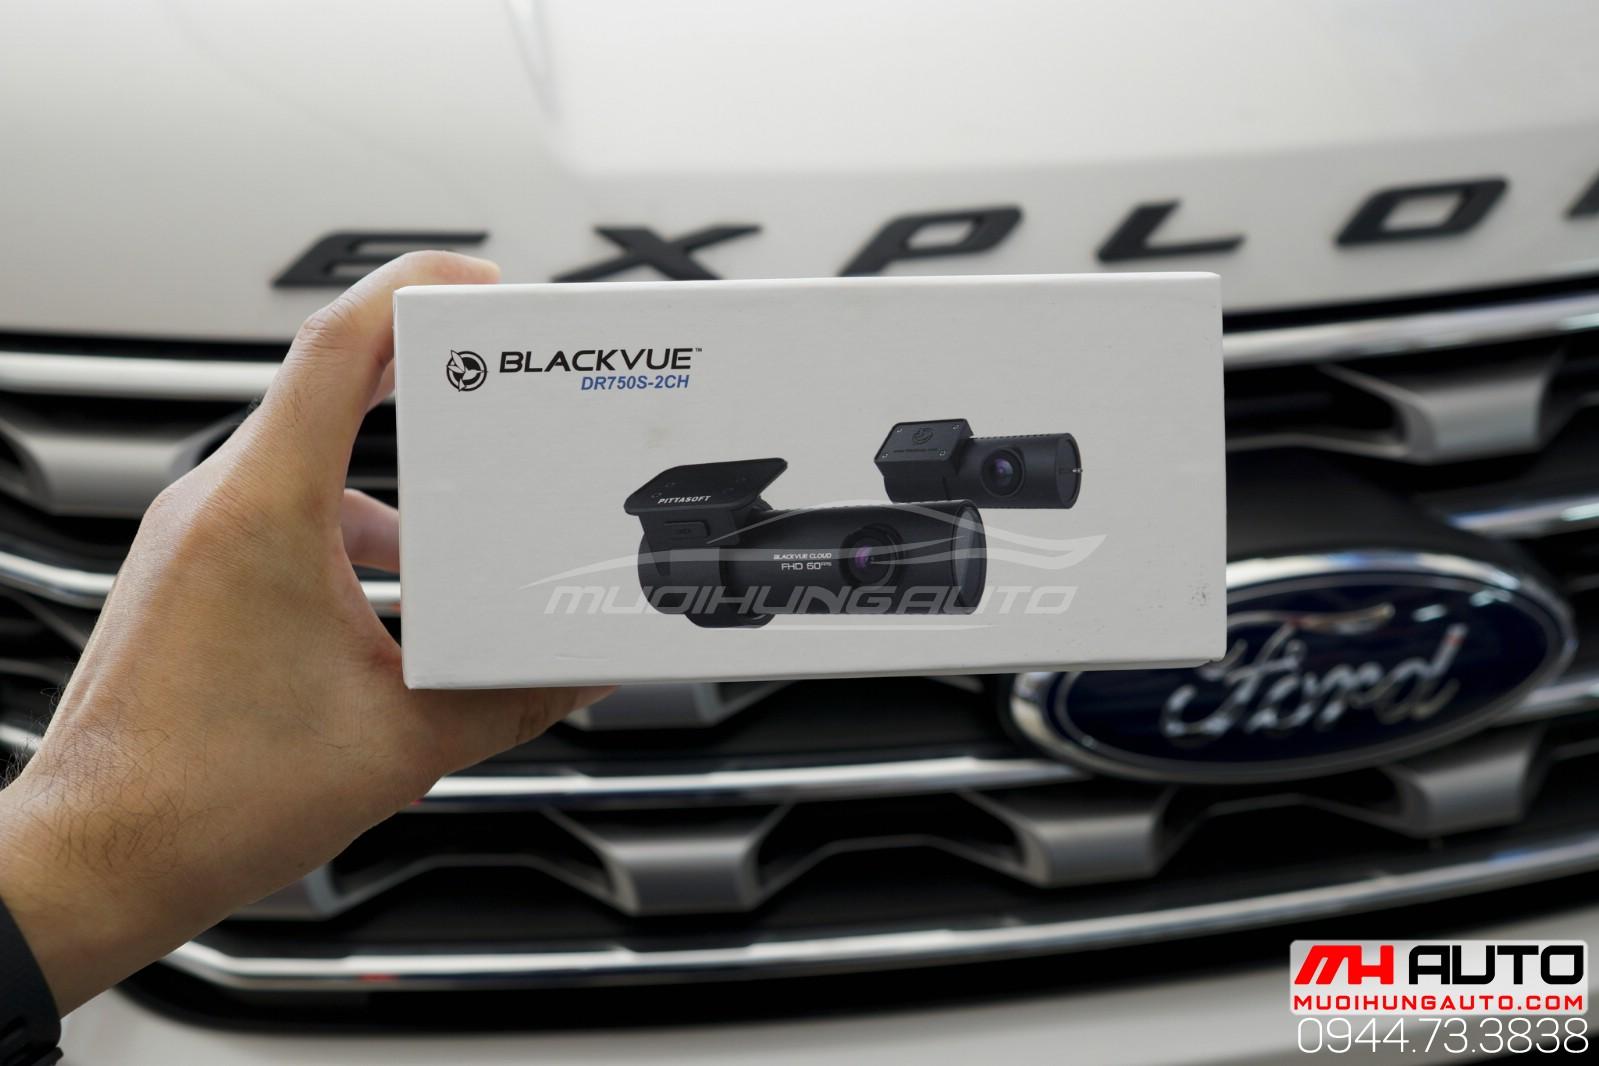 Lắp camera cho ô tô BlackVue DR750S 2CH